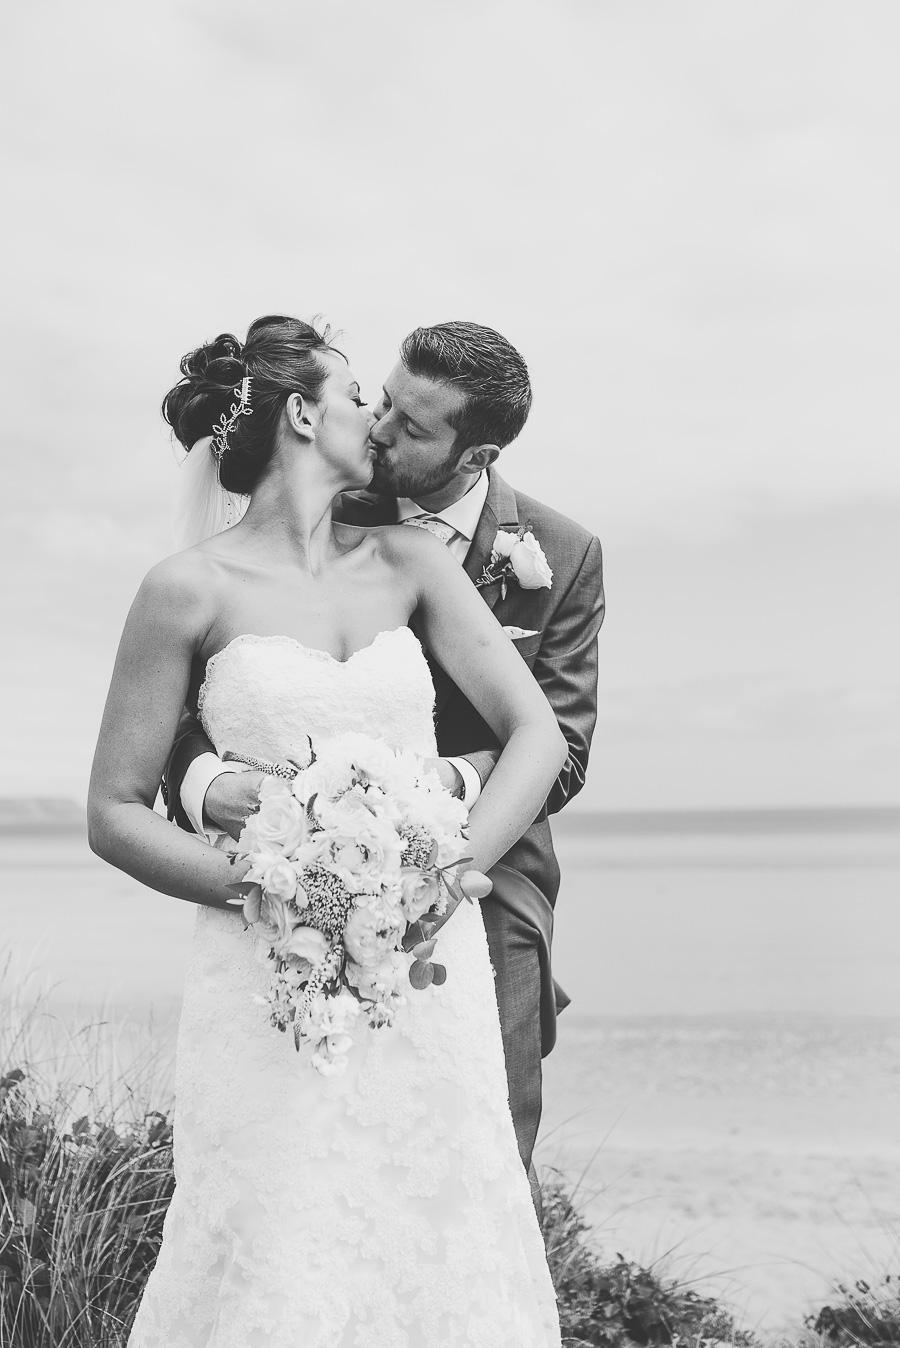 OurBeautifulAdventure-OxwichBayWedding-Weddingphotography-2-5.jpg